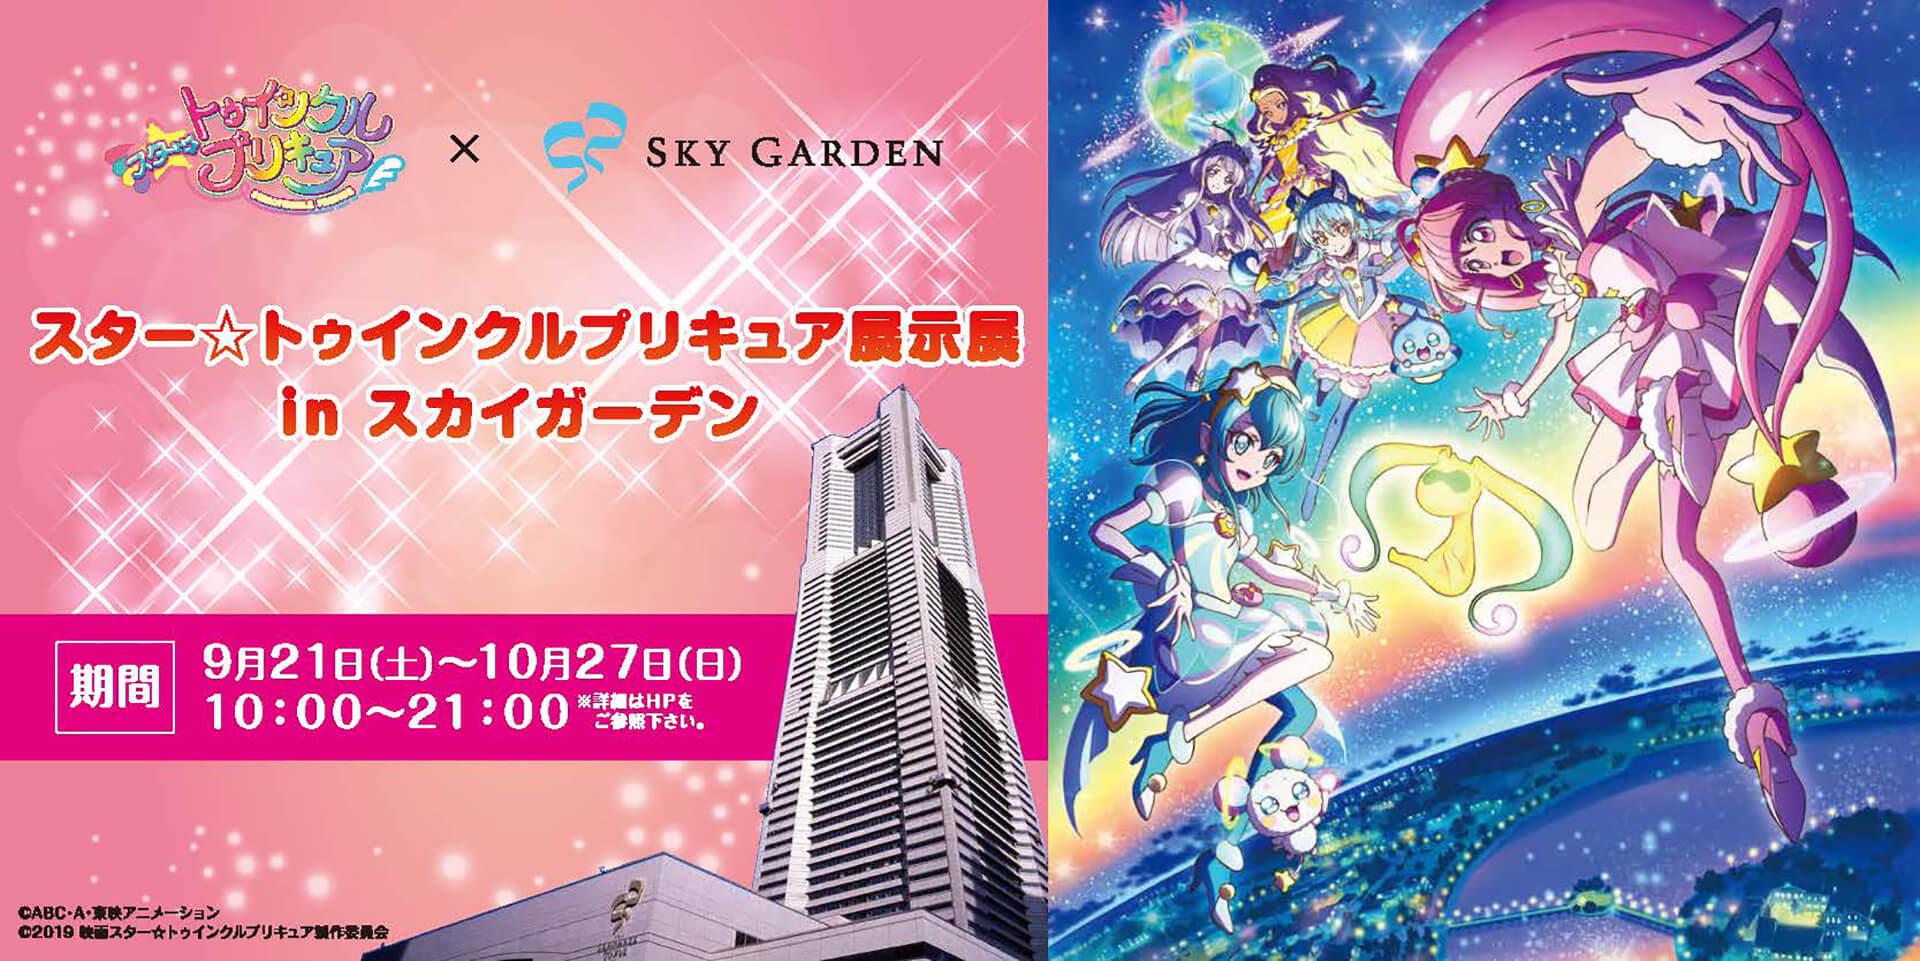 スター☆トゥインクルプリキュア展示 in スカイガーデンメインビジュアル